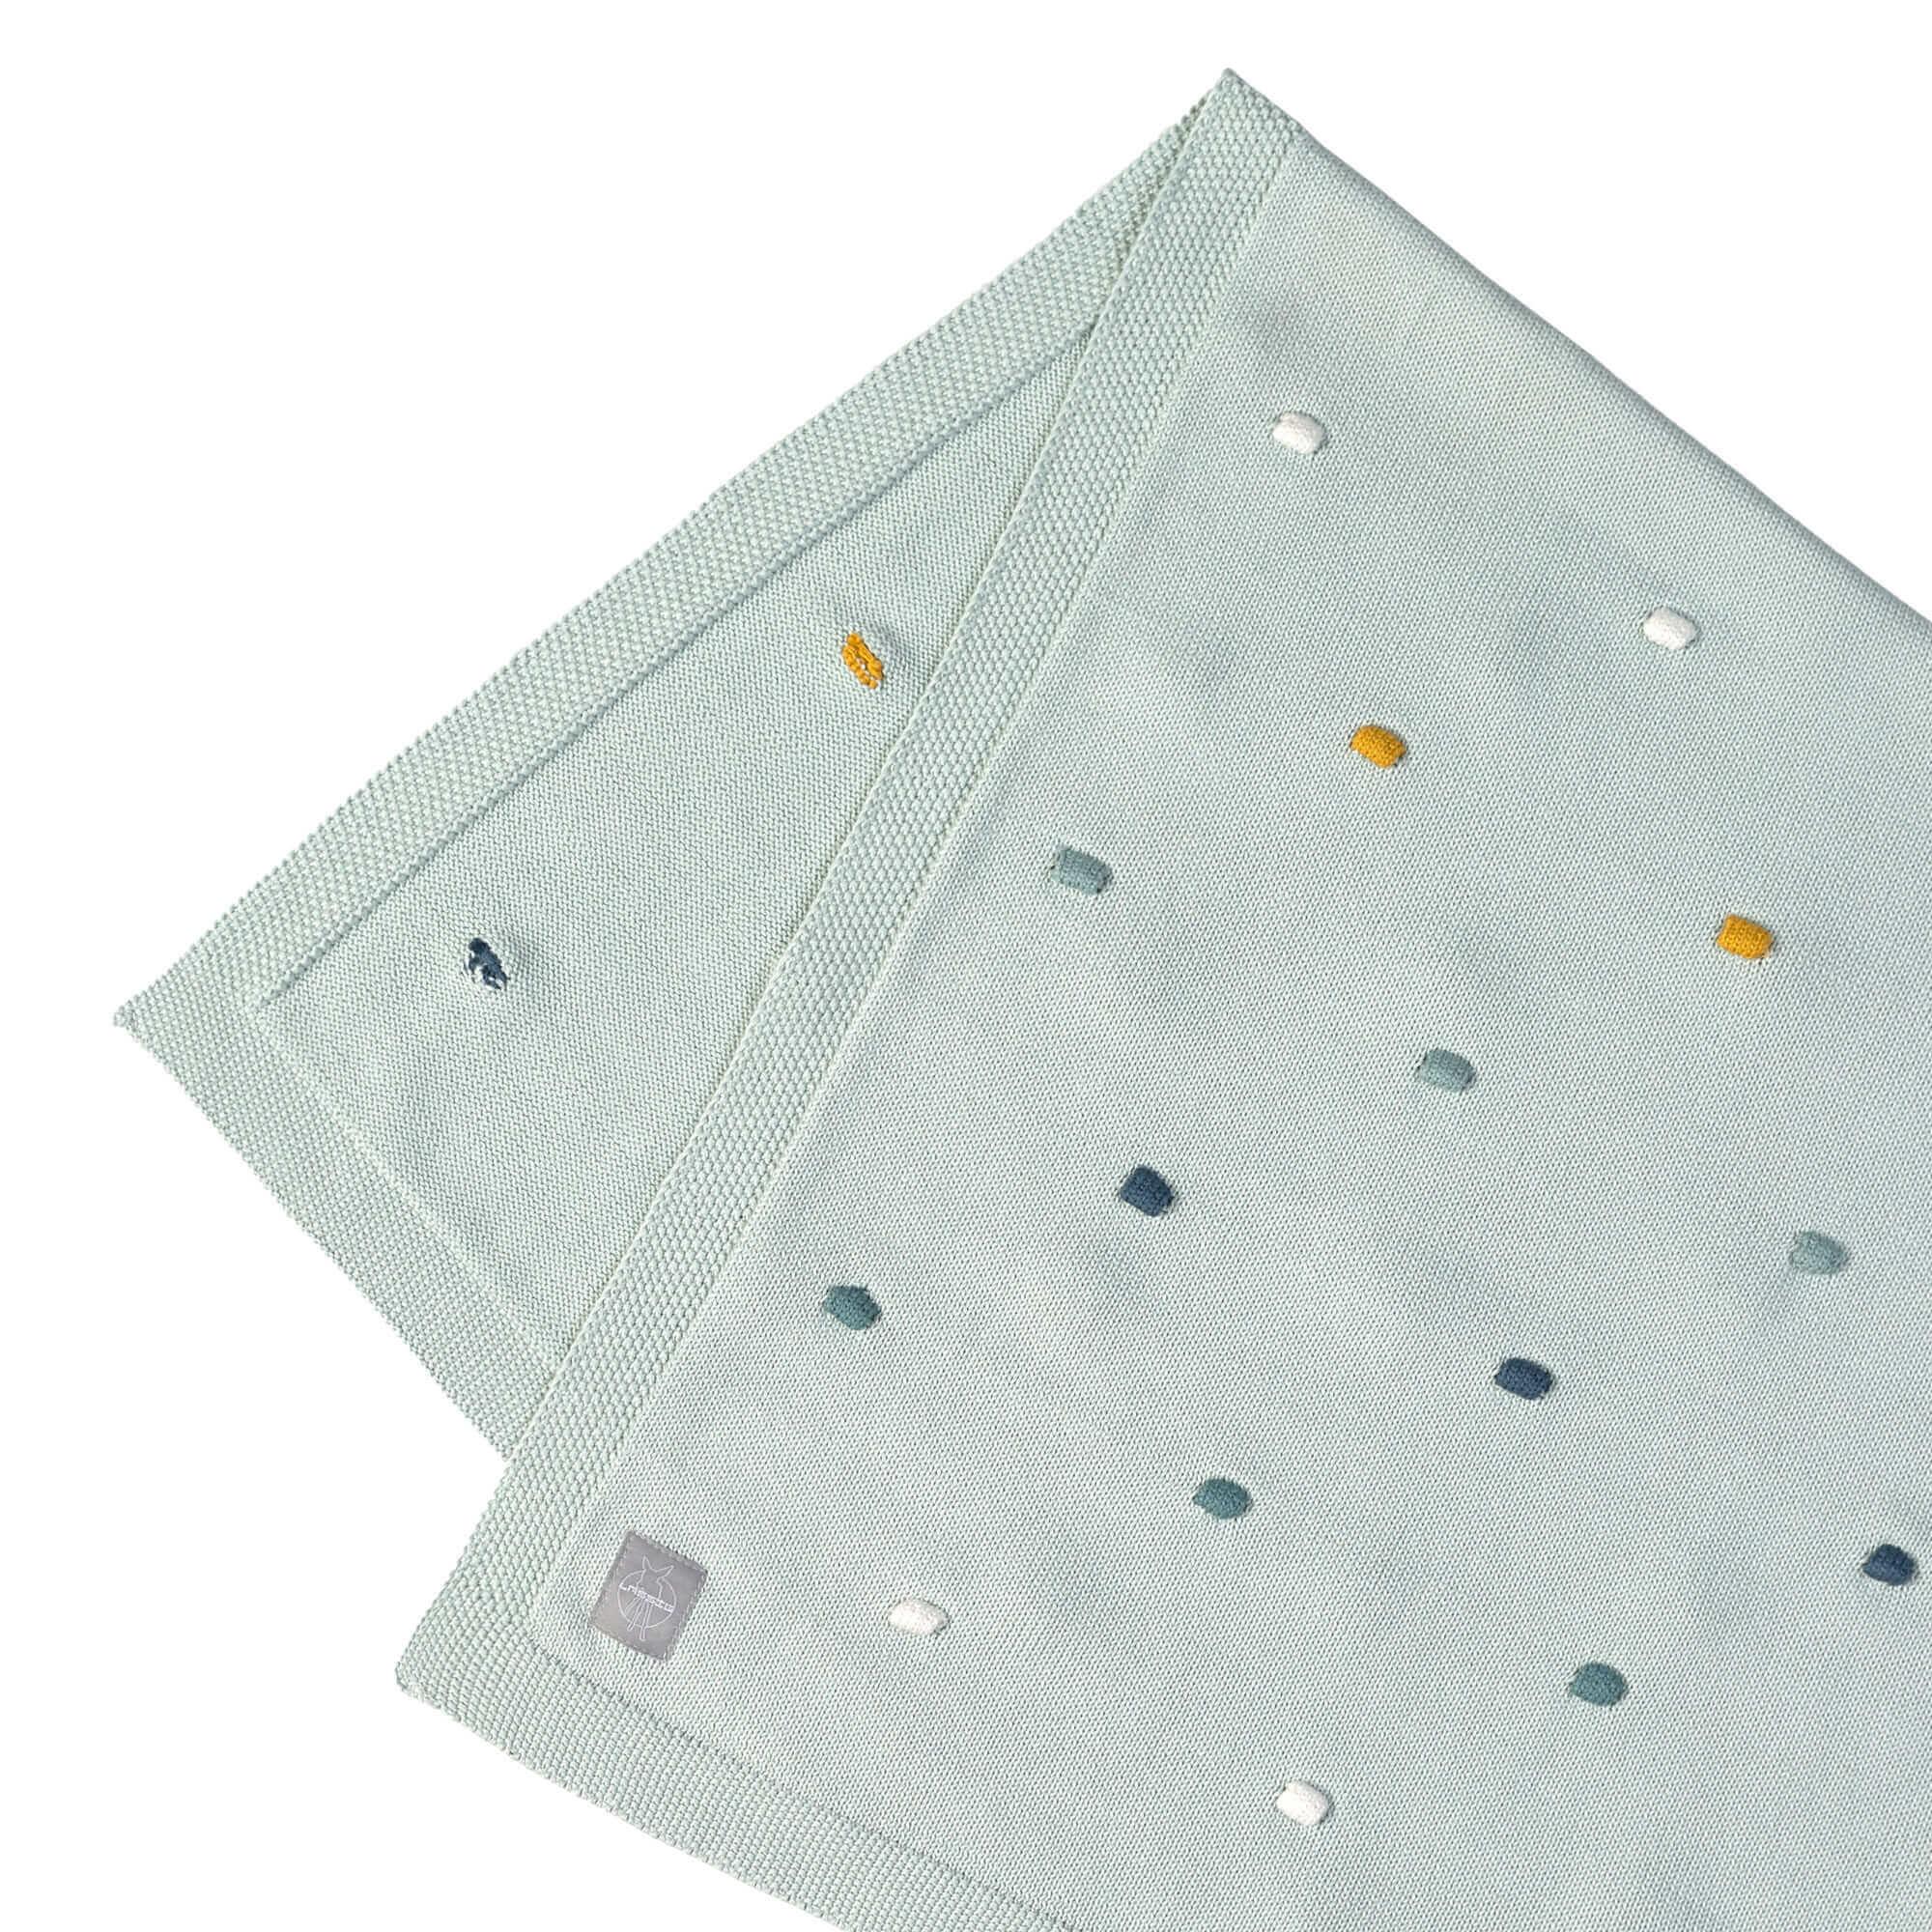 Lässig Lässig Strickdecke GOTS Dots Light Mint 80 x 110 cm